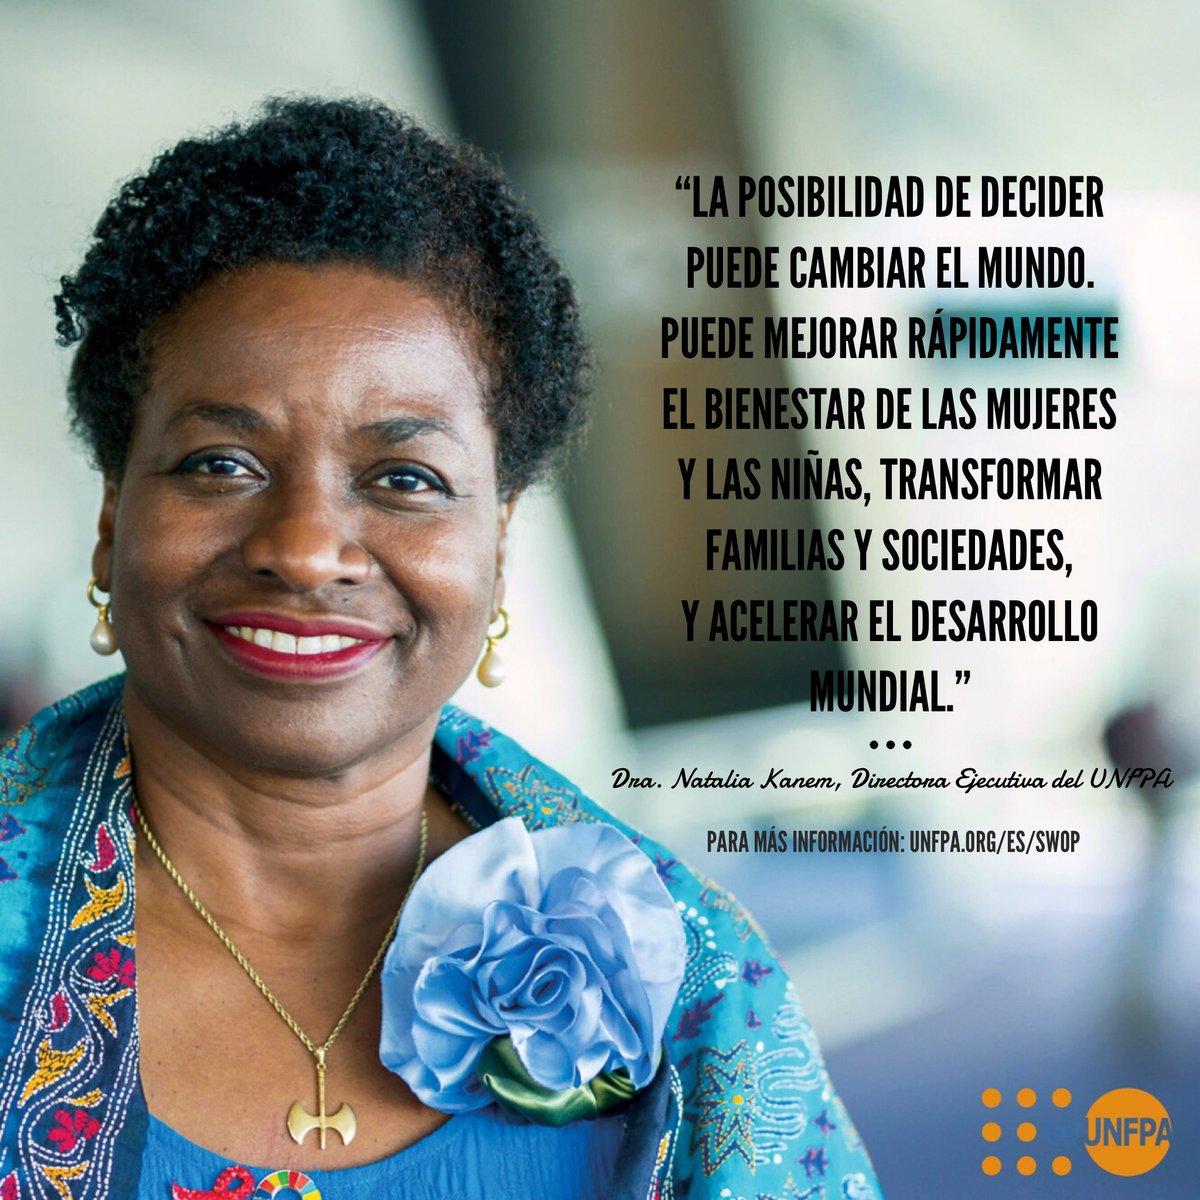 Para proteger el derecho a decidir, todos los países deben priorizar el acceso a la salud sexual y reproductiva, incluidos a los anticonceptivos modernos.  Estas siguen siendo las barreras para que las mujeres ejerzan ese derecho, según el @UNFPA: https://t.co/mJrlXuIvlu